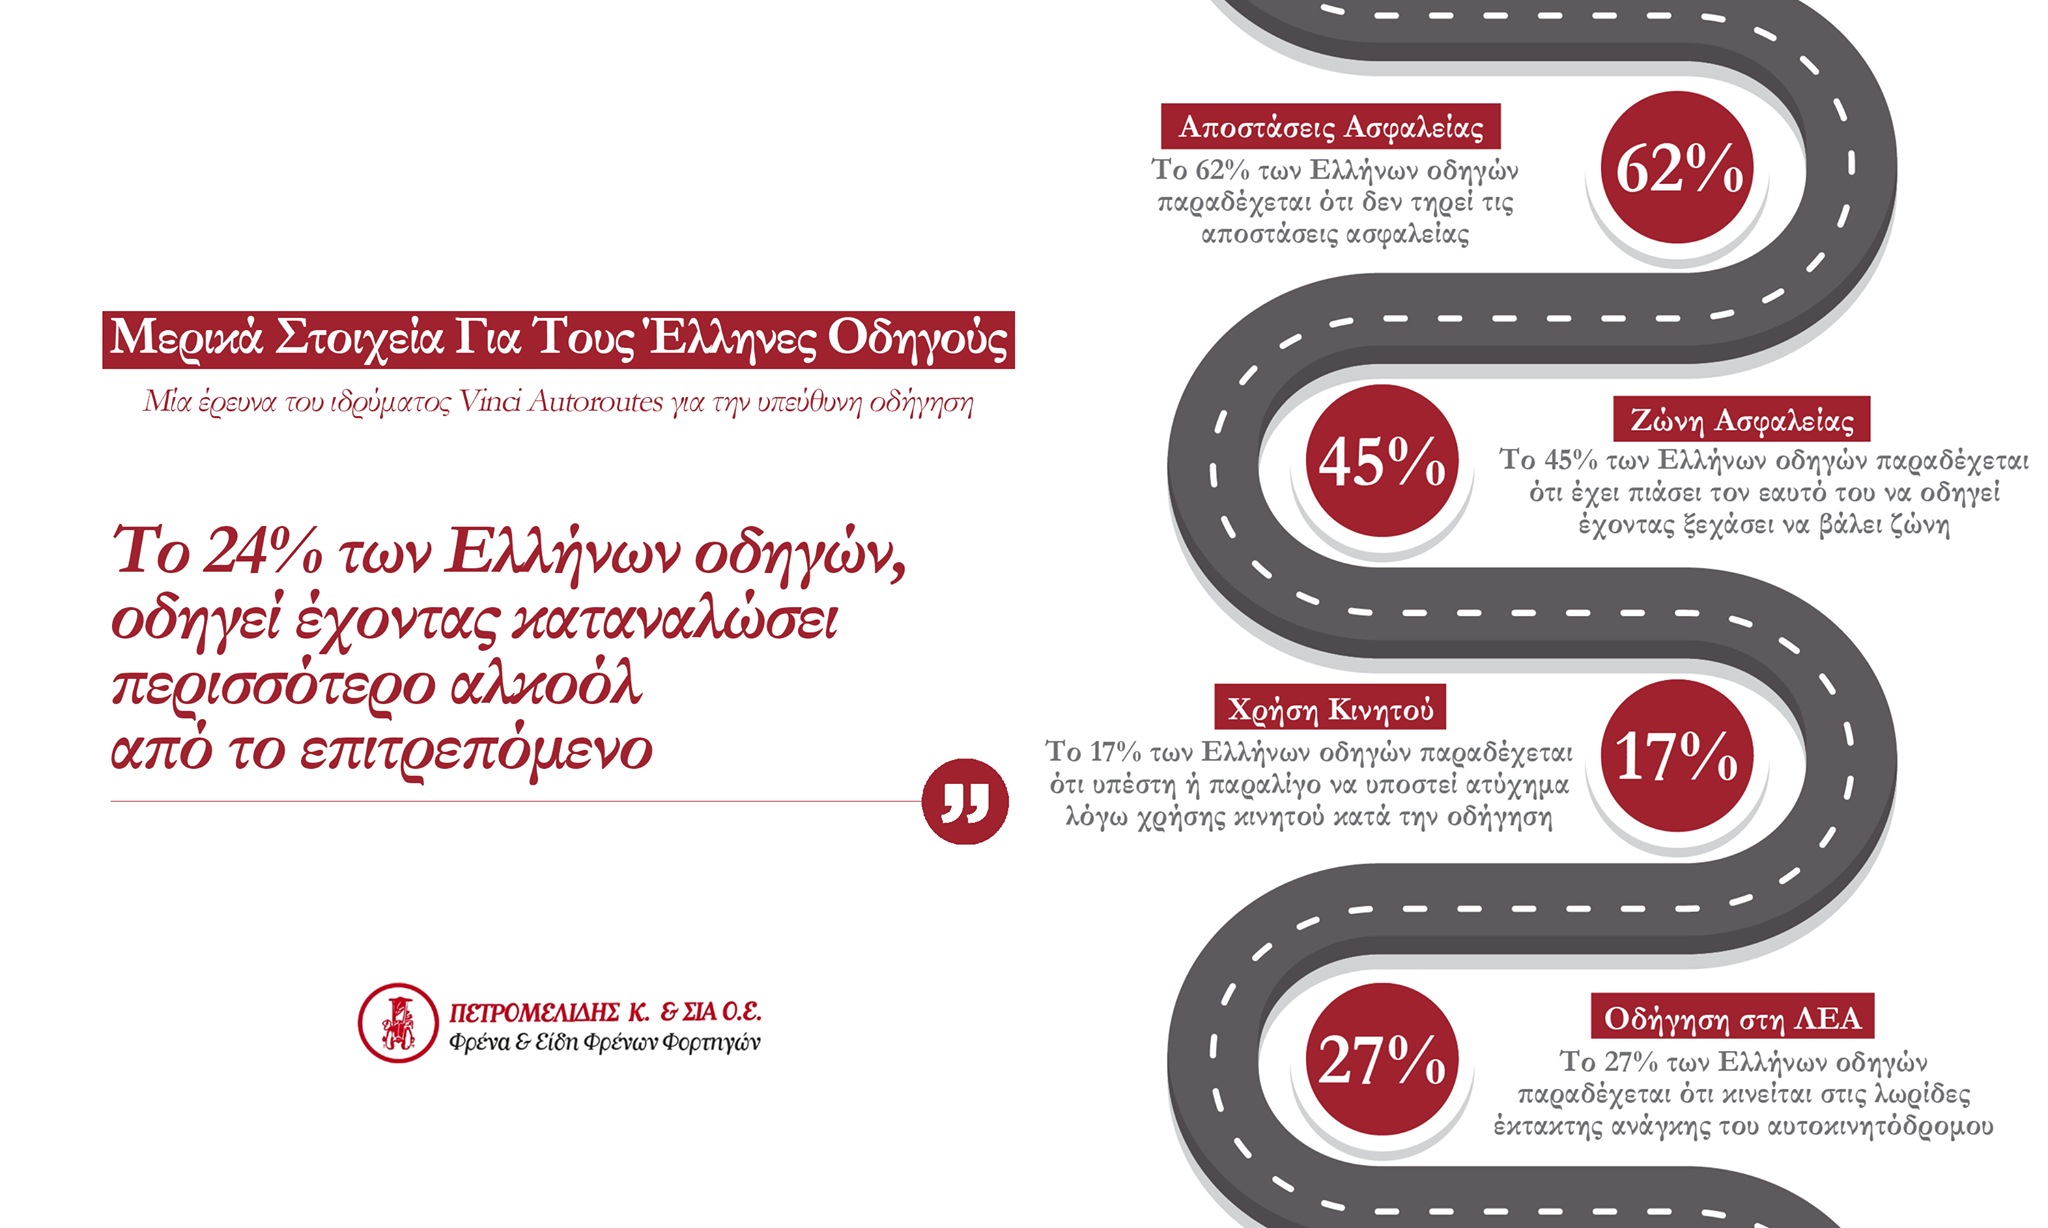 Ένα Infographic για τους Έλληνες οδηγούς